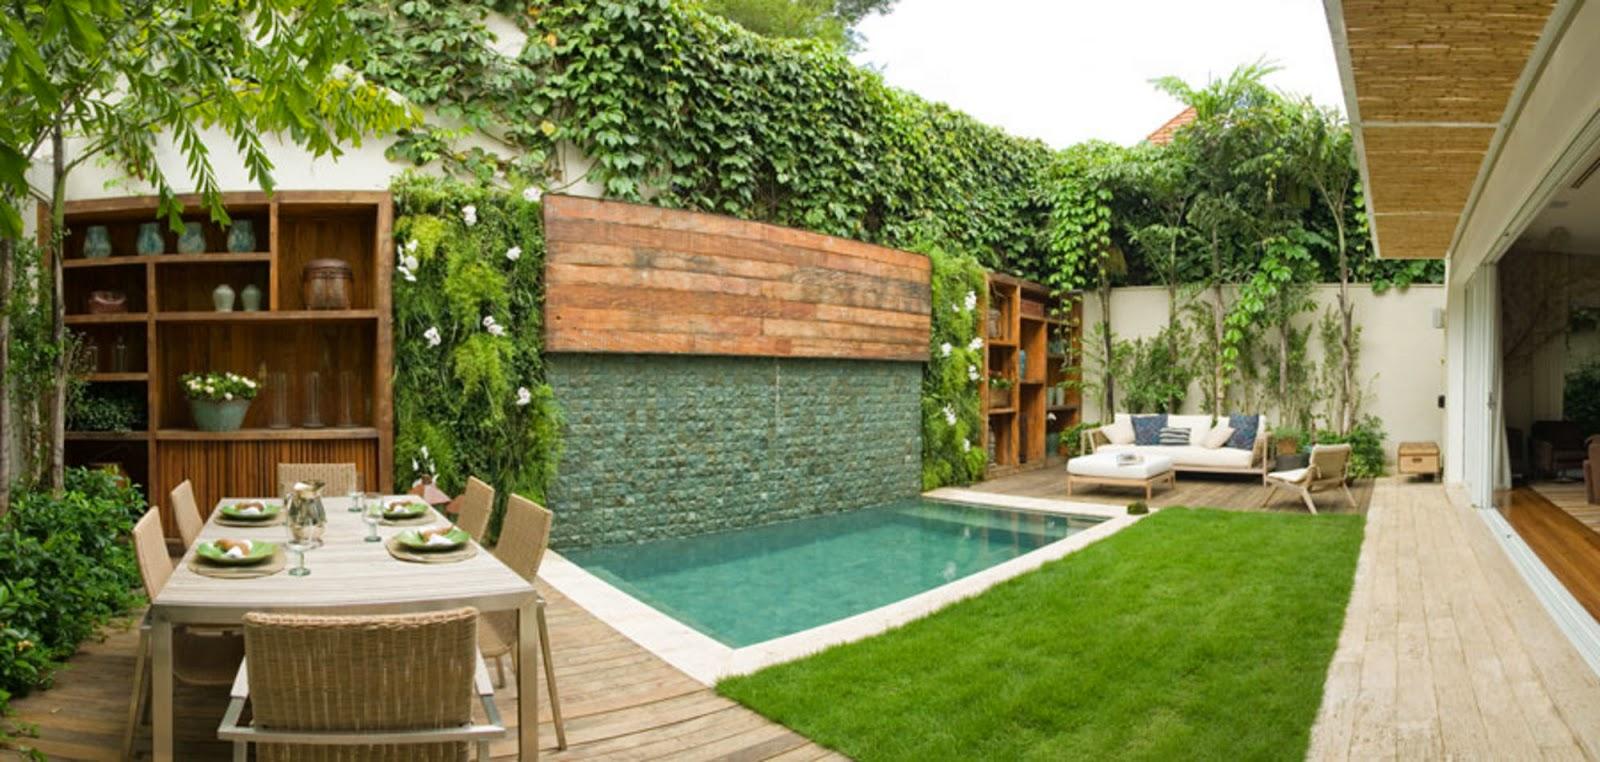 area de lazer pequena com jardim